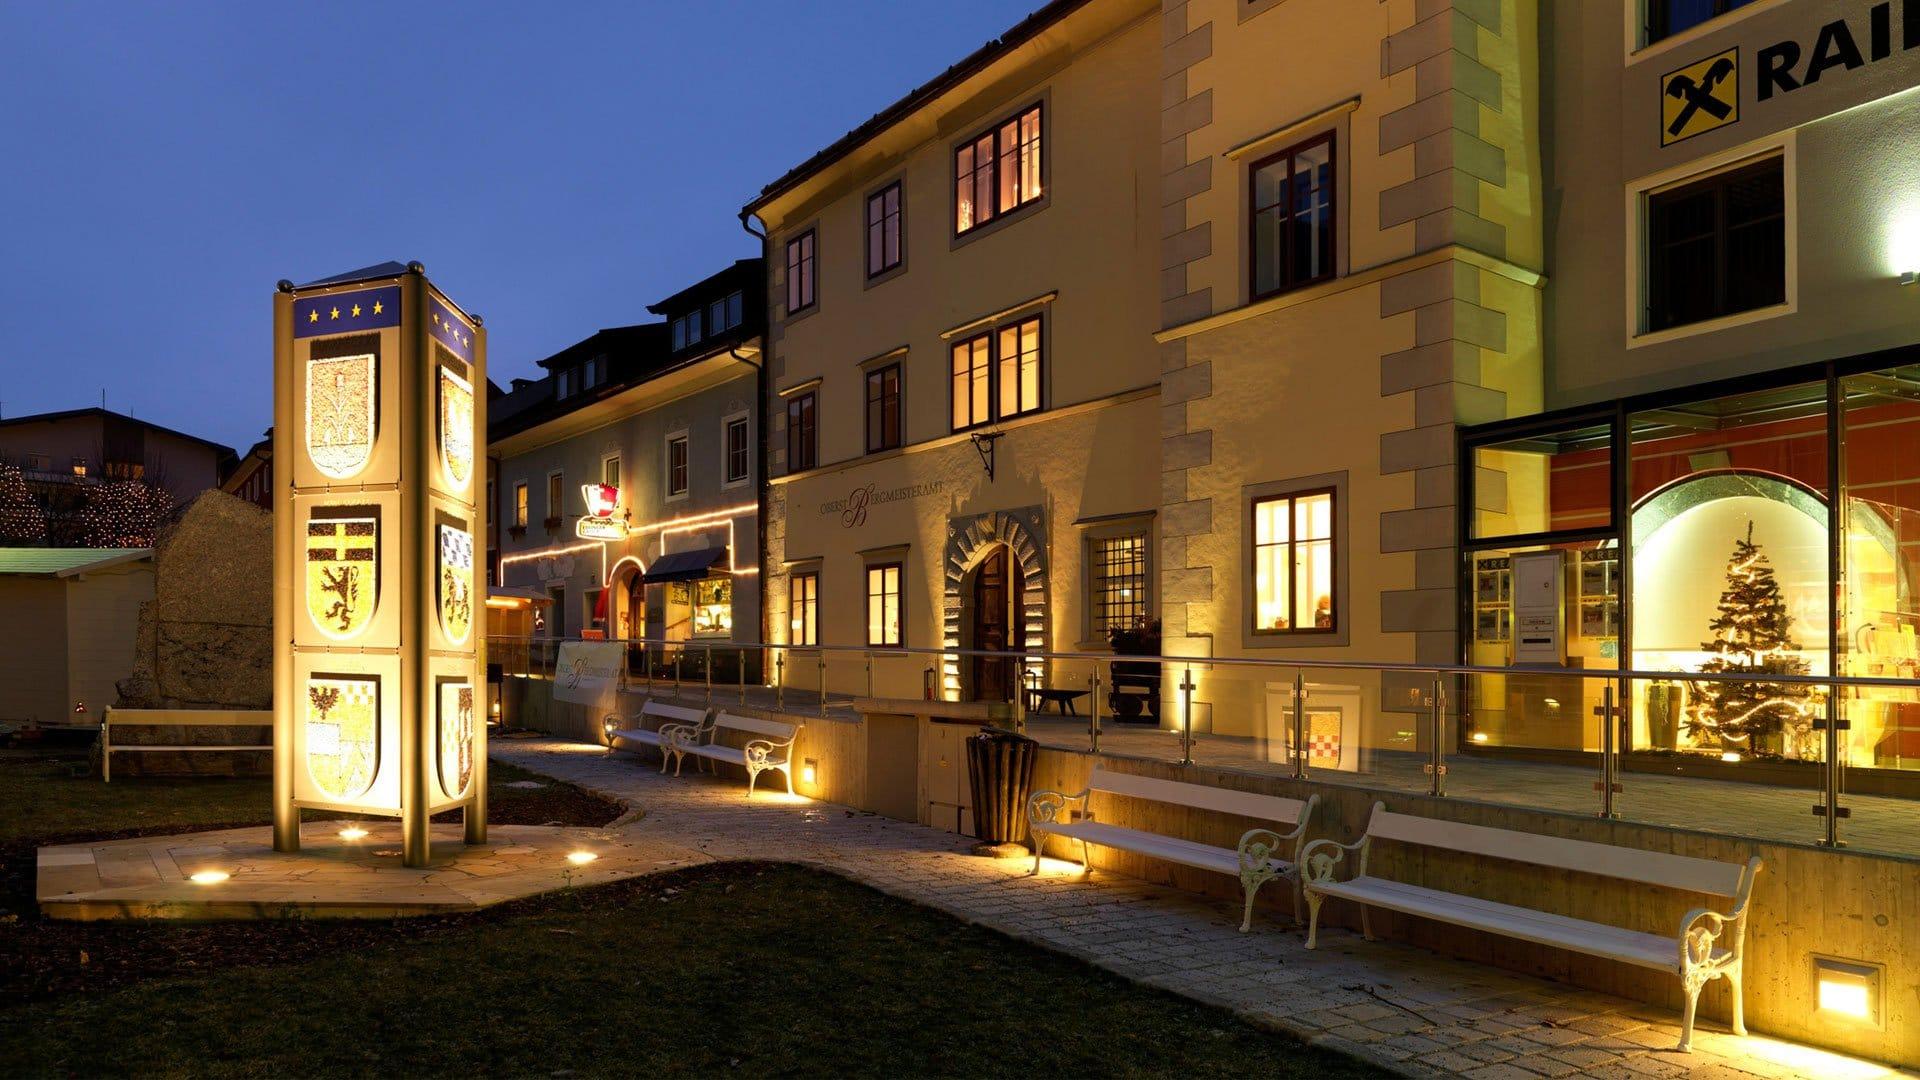 LAG-GG-Oberstgergmeisteramt-Ansicht-Nacht